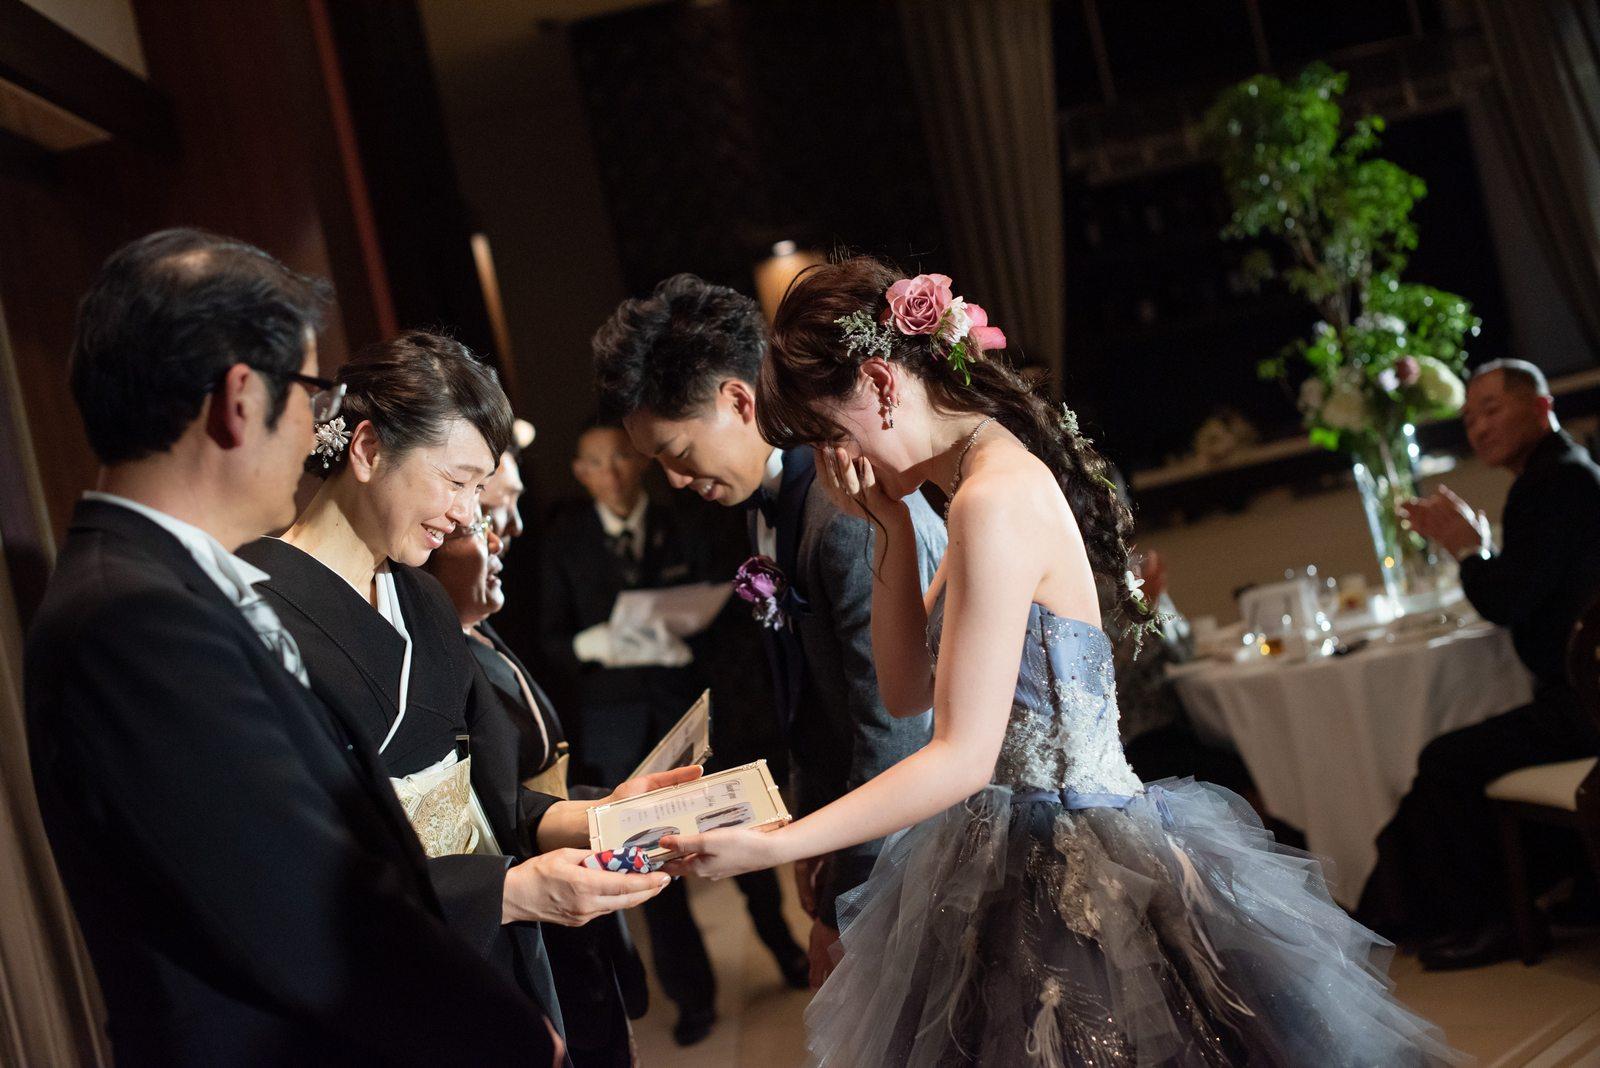 徳島市の結婚式場ブランアンジュの披露宴で両親に前写しと記念写真が入った写真立てをおくる新郎新婦